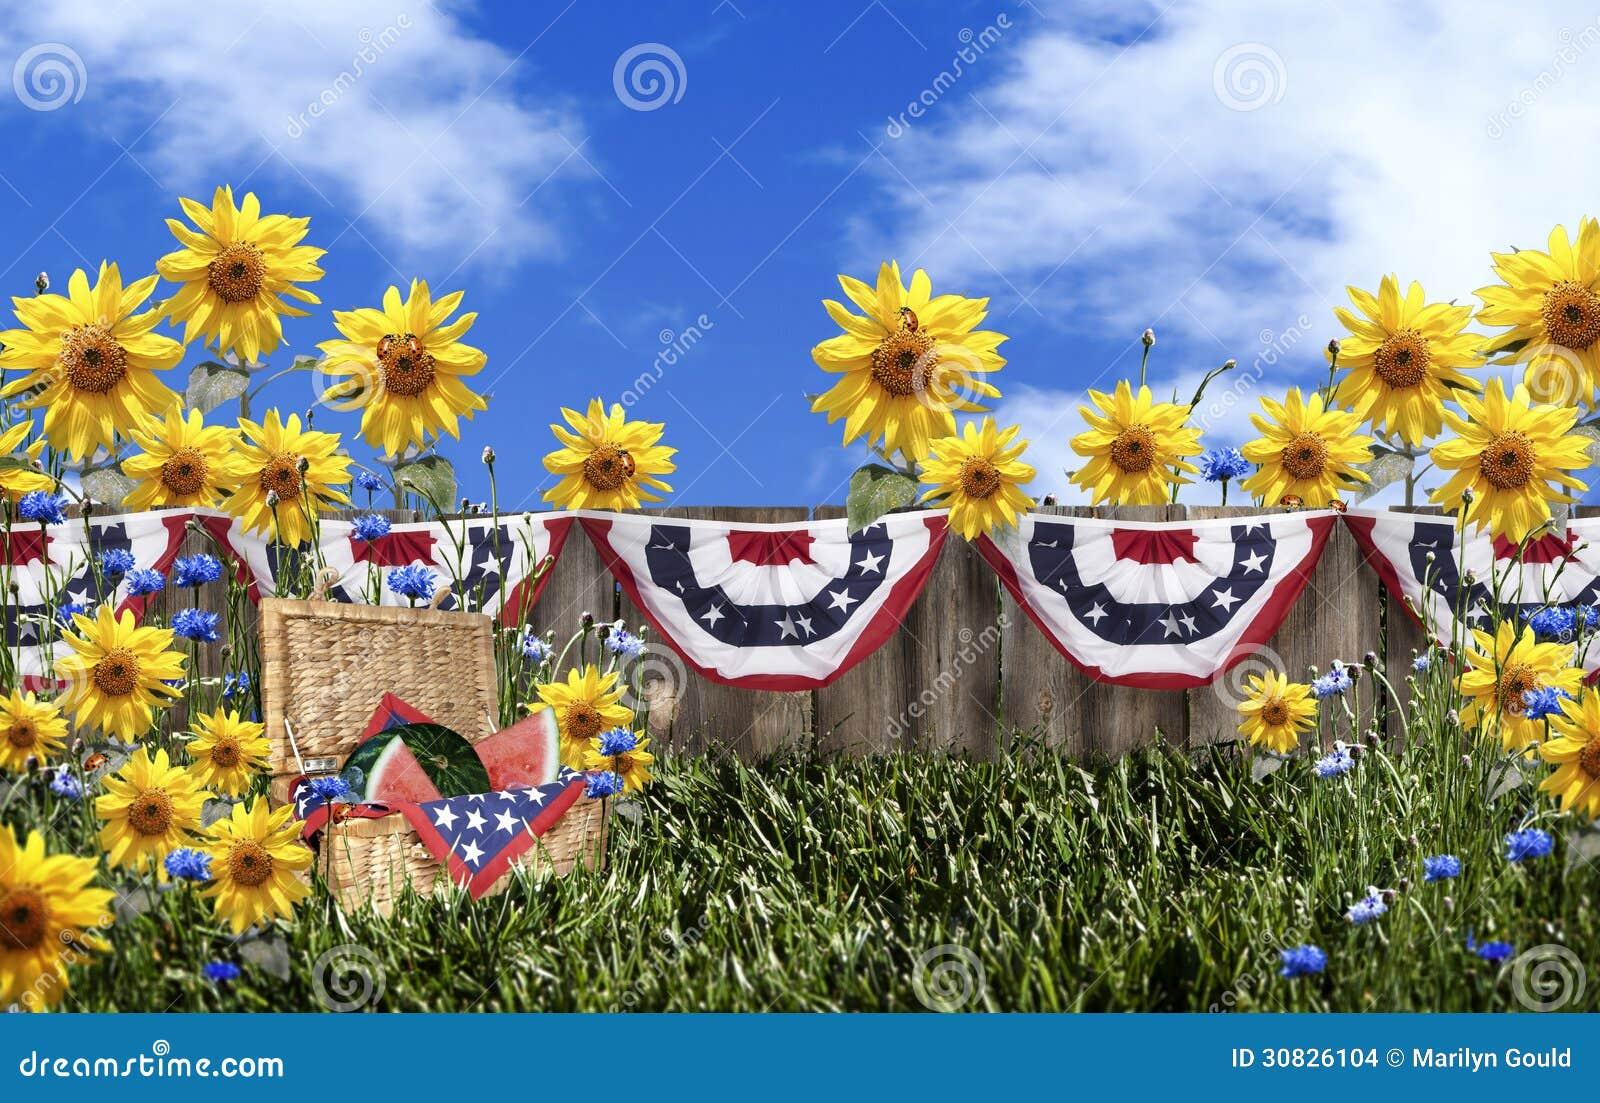 Giardino floreale del canestro di picnic